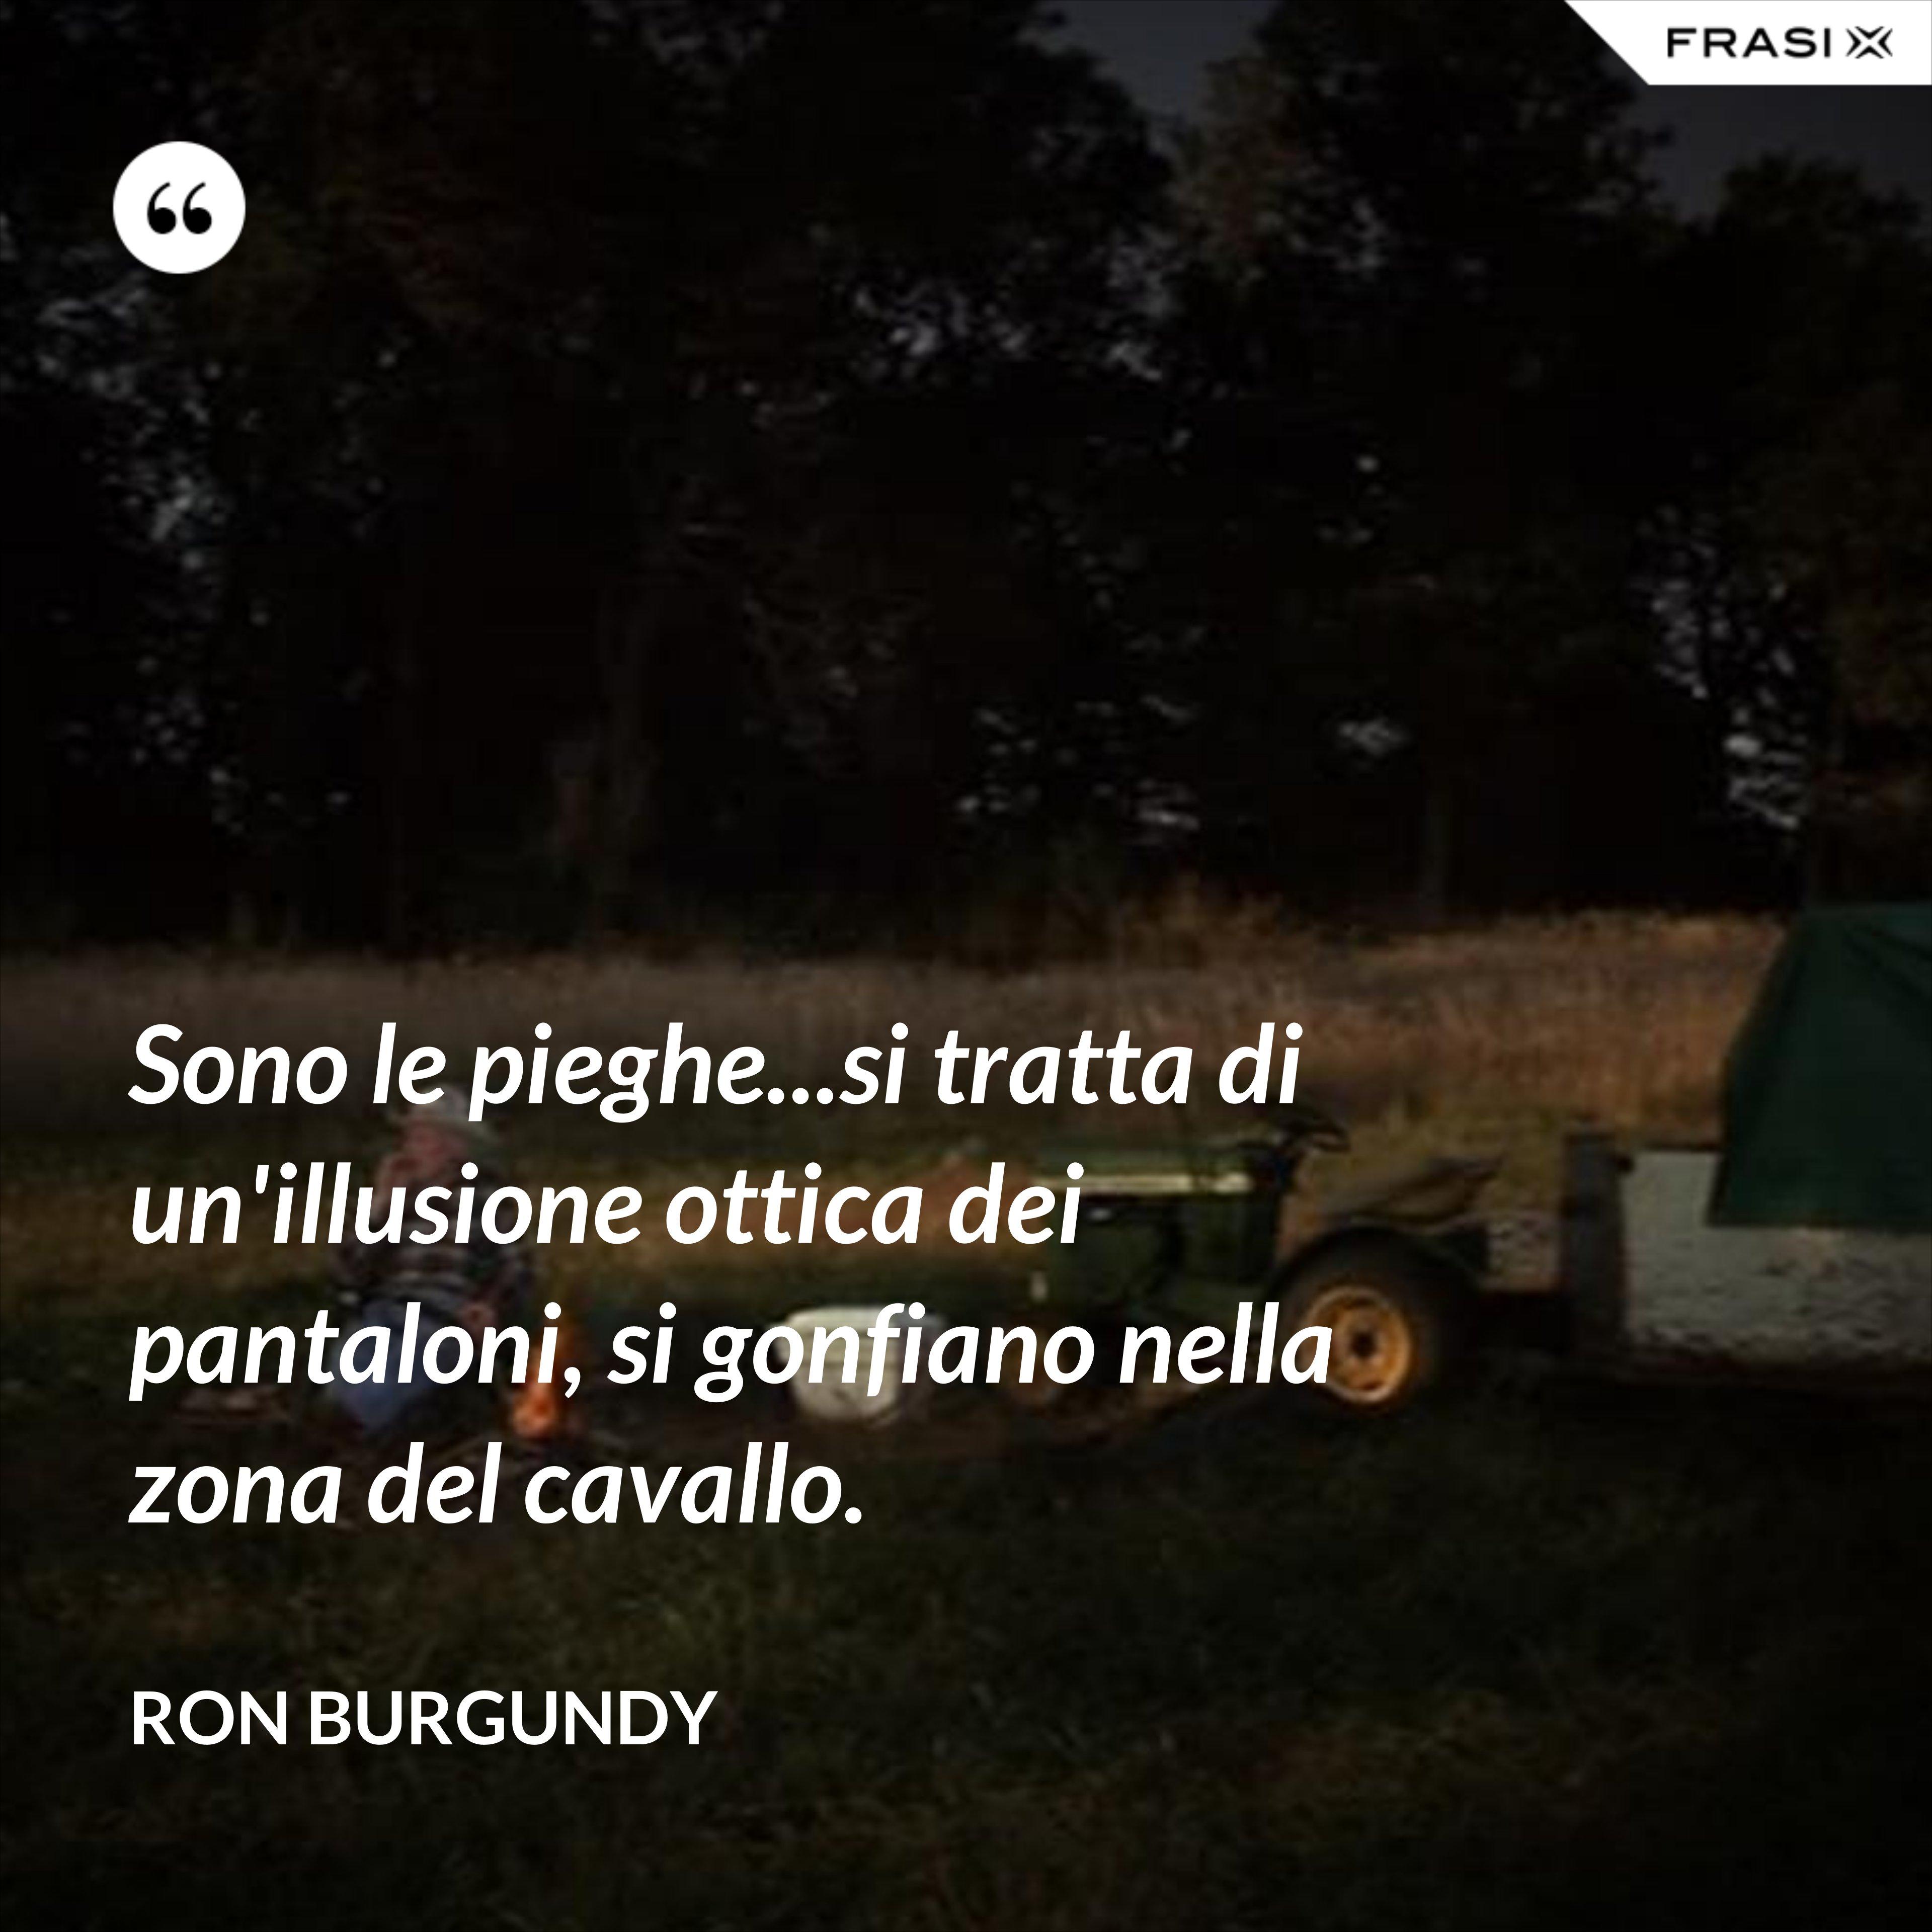 Sono le pieghe...si tratta di un'illusione ottica dei pantaloni, si gonfiano nella zona del cavallo. - Ron Burgundy